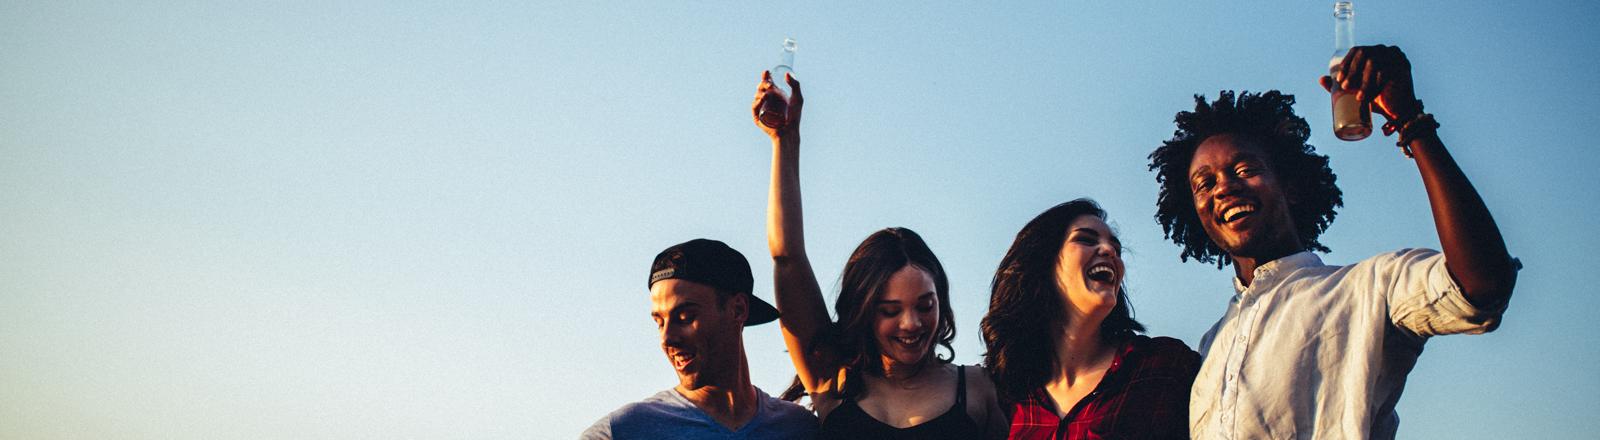 Vier jugendliche feiern vor blauem himmel